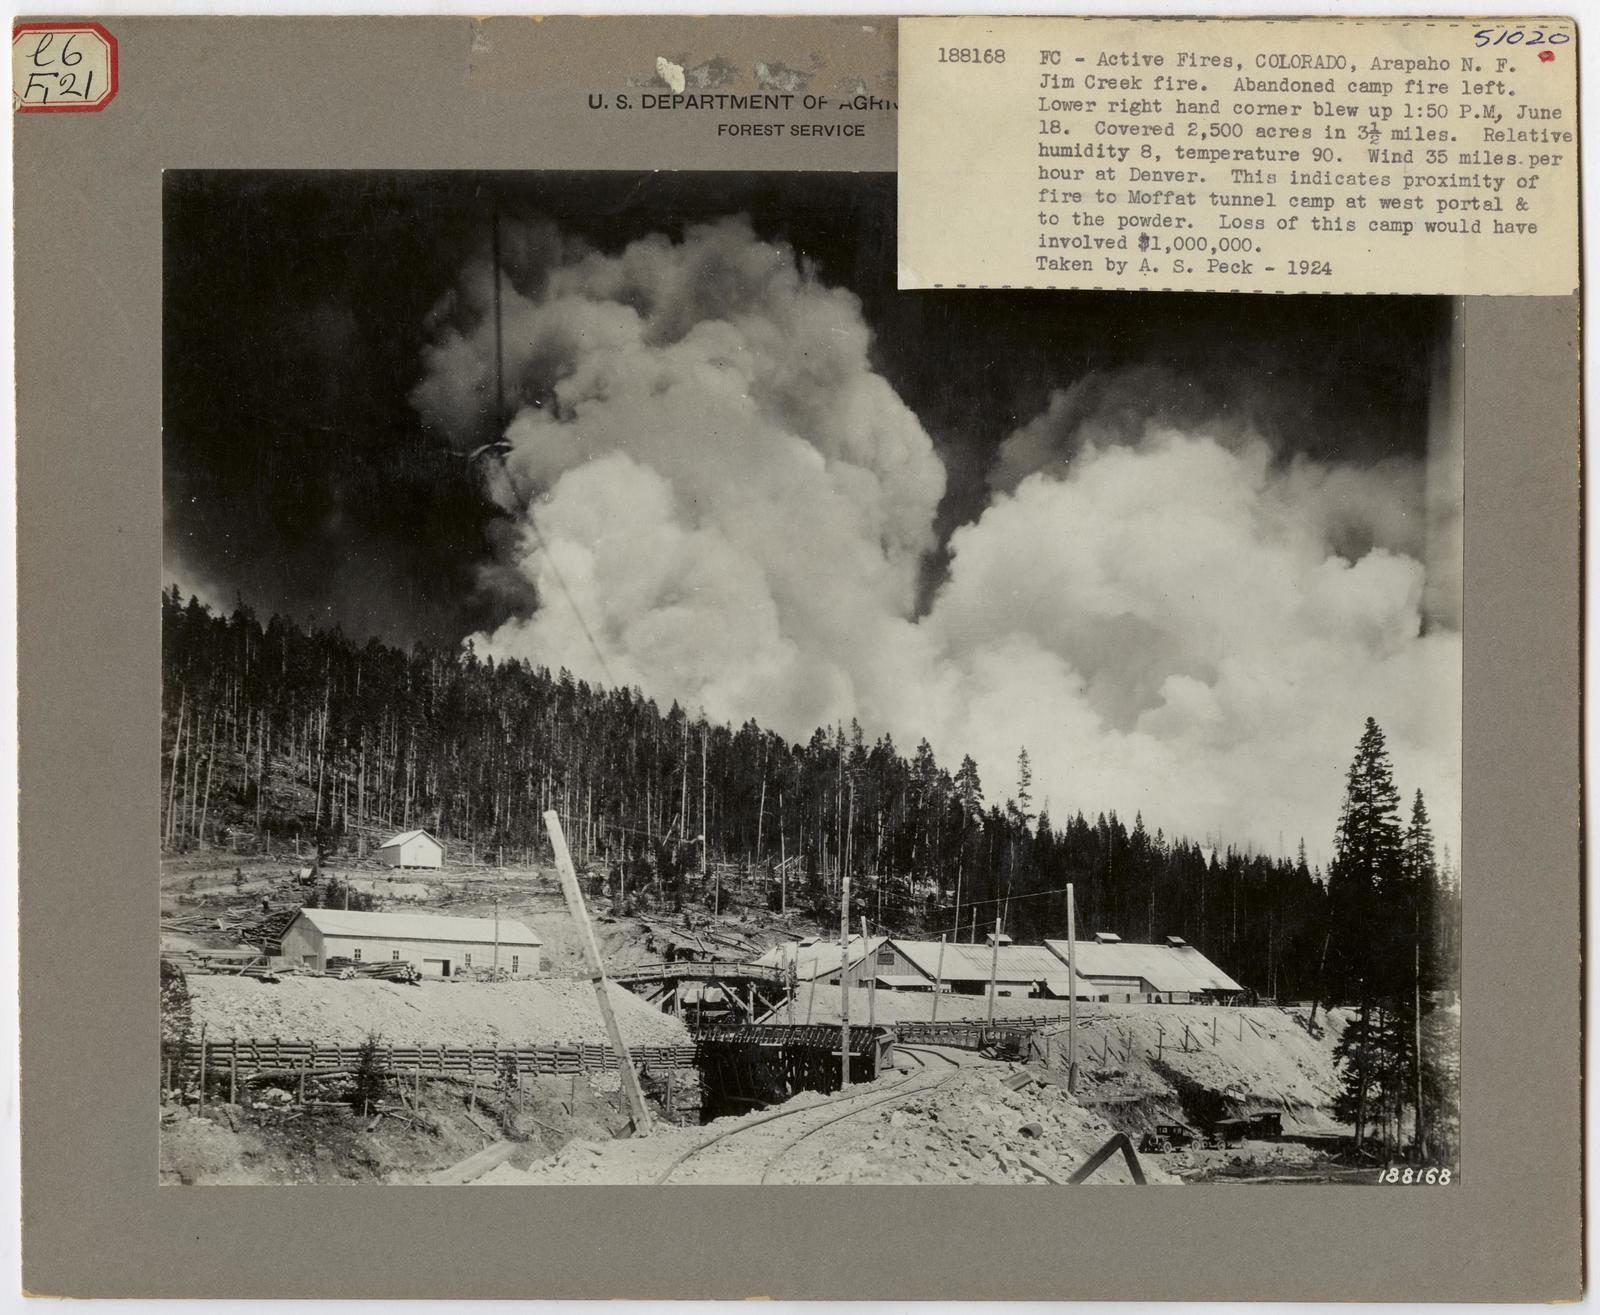 Active Fires - Colorado